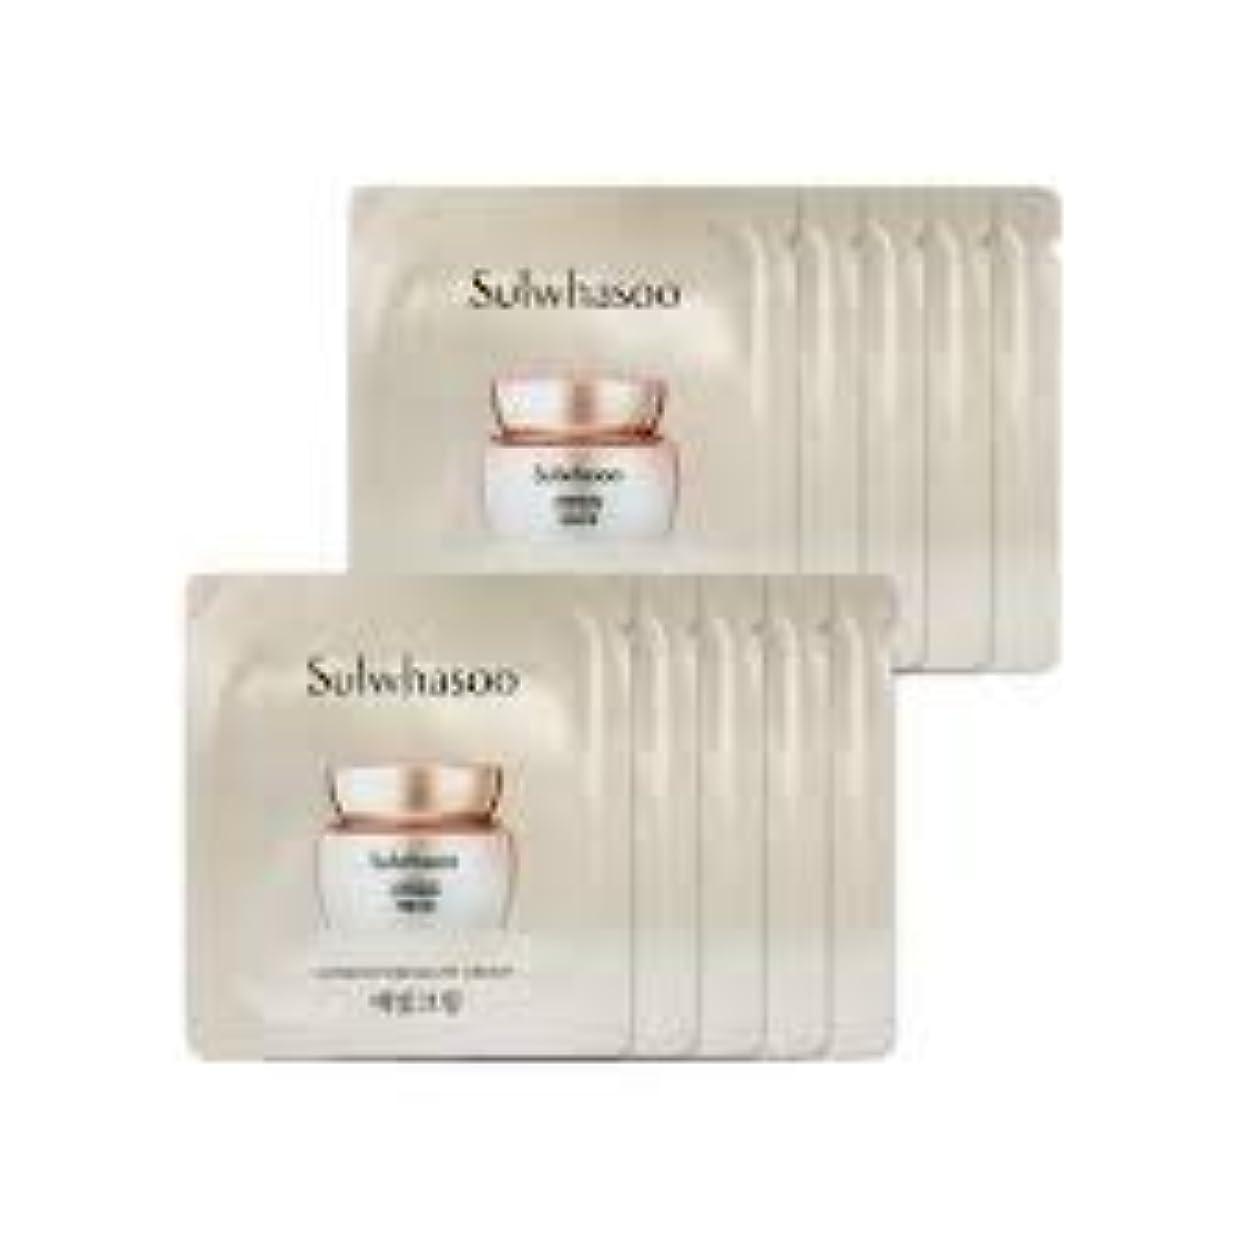 アクティブ共和党ウェイター[ソルファス ] Sulwhasoo (雪花秀) ルミナチュアグロー Luminature Glow Cream 1ml x 30 (イェビトクリーム) [ShopMaster1]